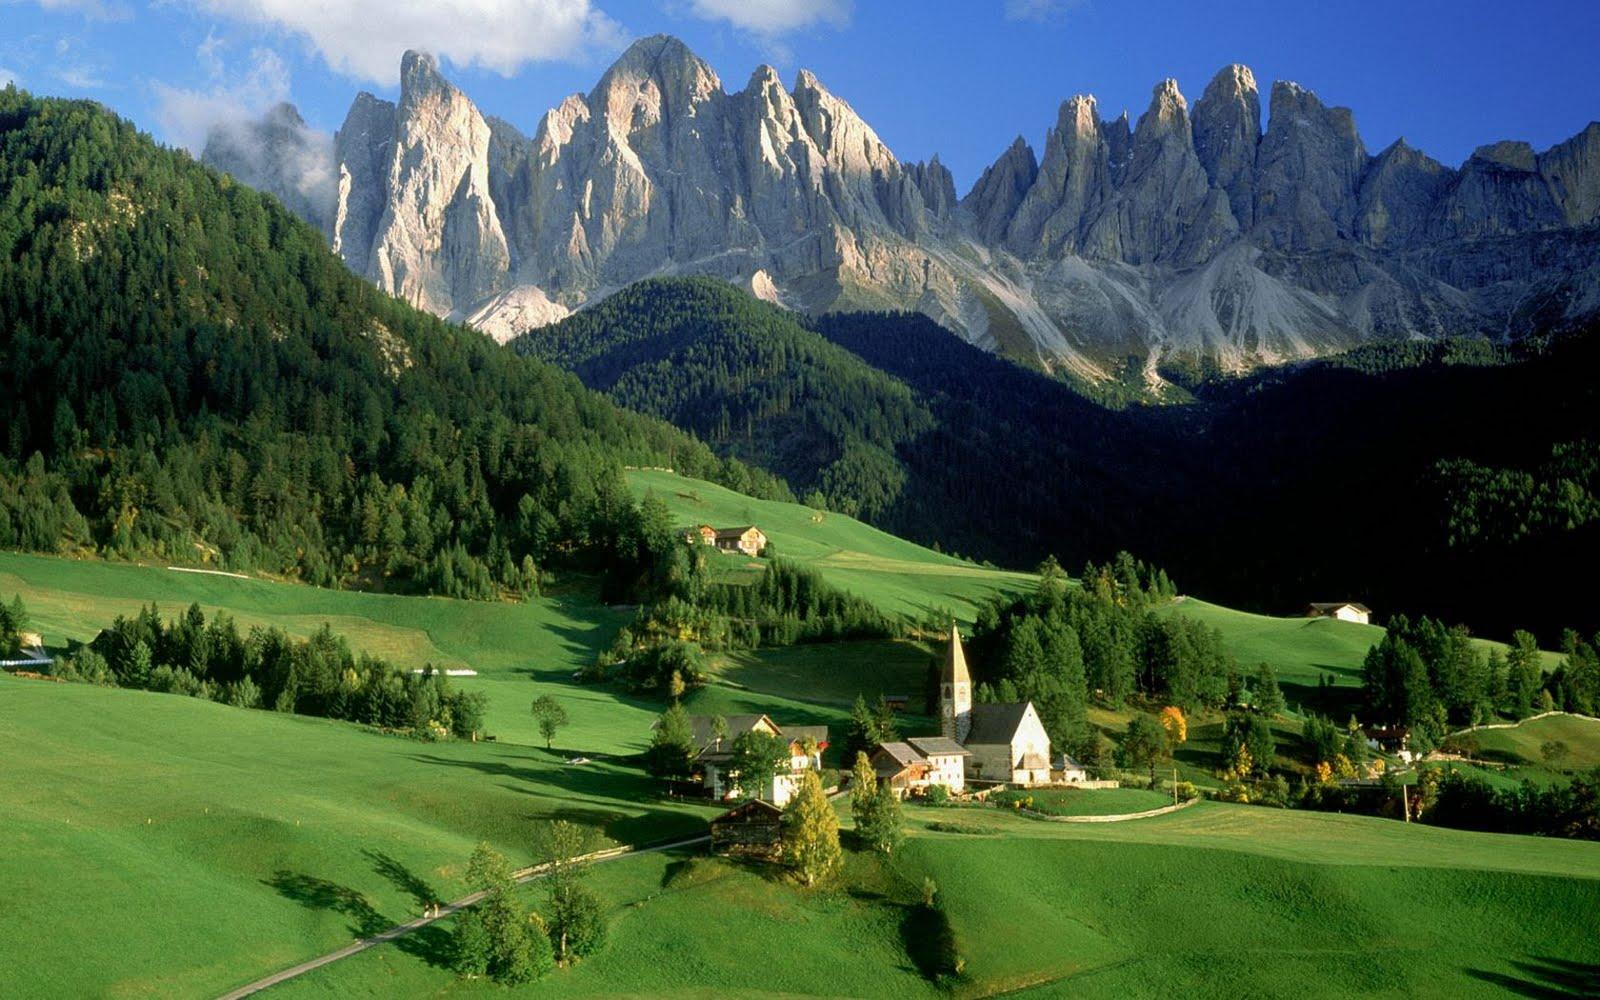 http://1.bp.blogspot.com/_Oc4F7PTrS4g/THGGQWQoShI/AAAAAAAAAhk/cHsx0IBn5Qk/s1600/9+-+Val+di+Funes+Dolomites+-+Italy.jpg